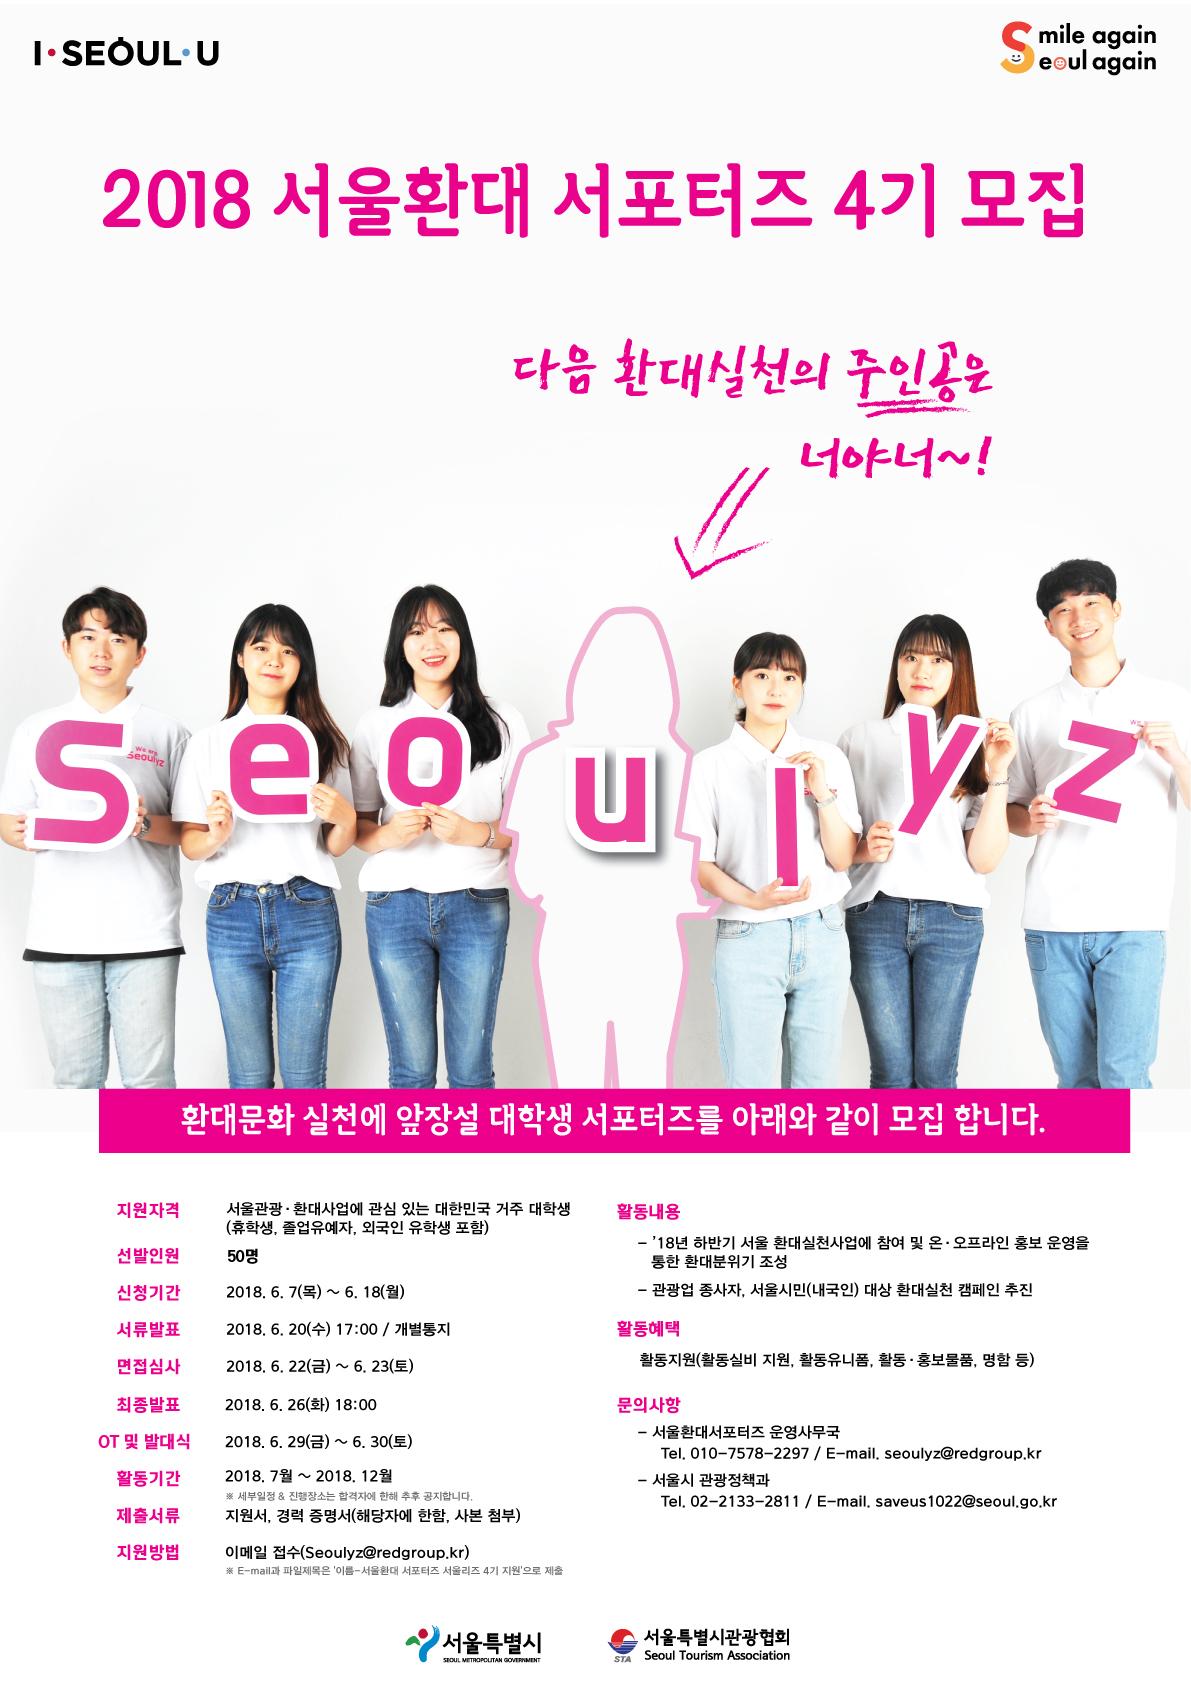 [서울특별시, 서울시관광협회] 서울환대 서포터즈 `seoulyz` 4기 모집{!6/18)